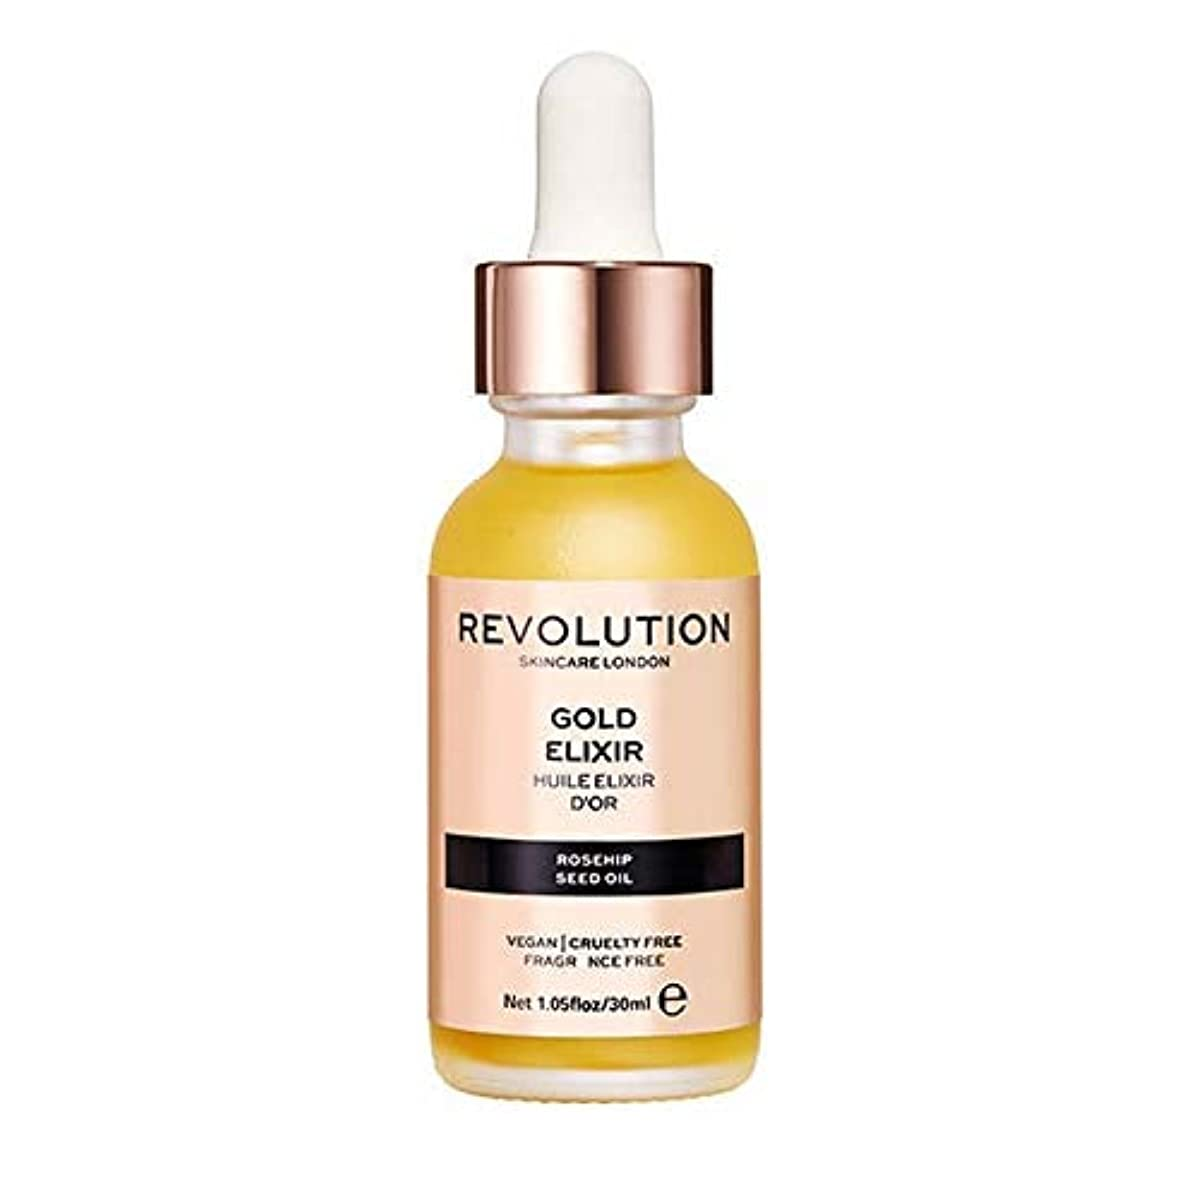 ブレーキメロディー建てる[Revolution] 革命スキンケアローズヒップシードオイル - ゴールドエリクサー - Revolution Skincare Rosehip Seed Oil - Gold Elixir [並行輸入品]